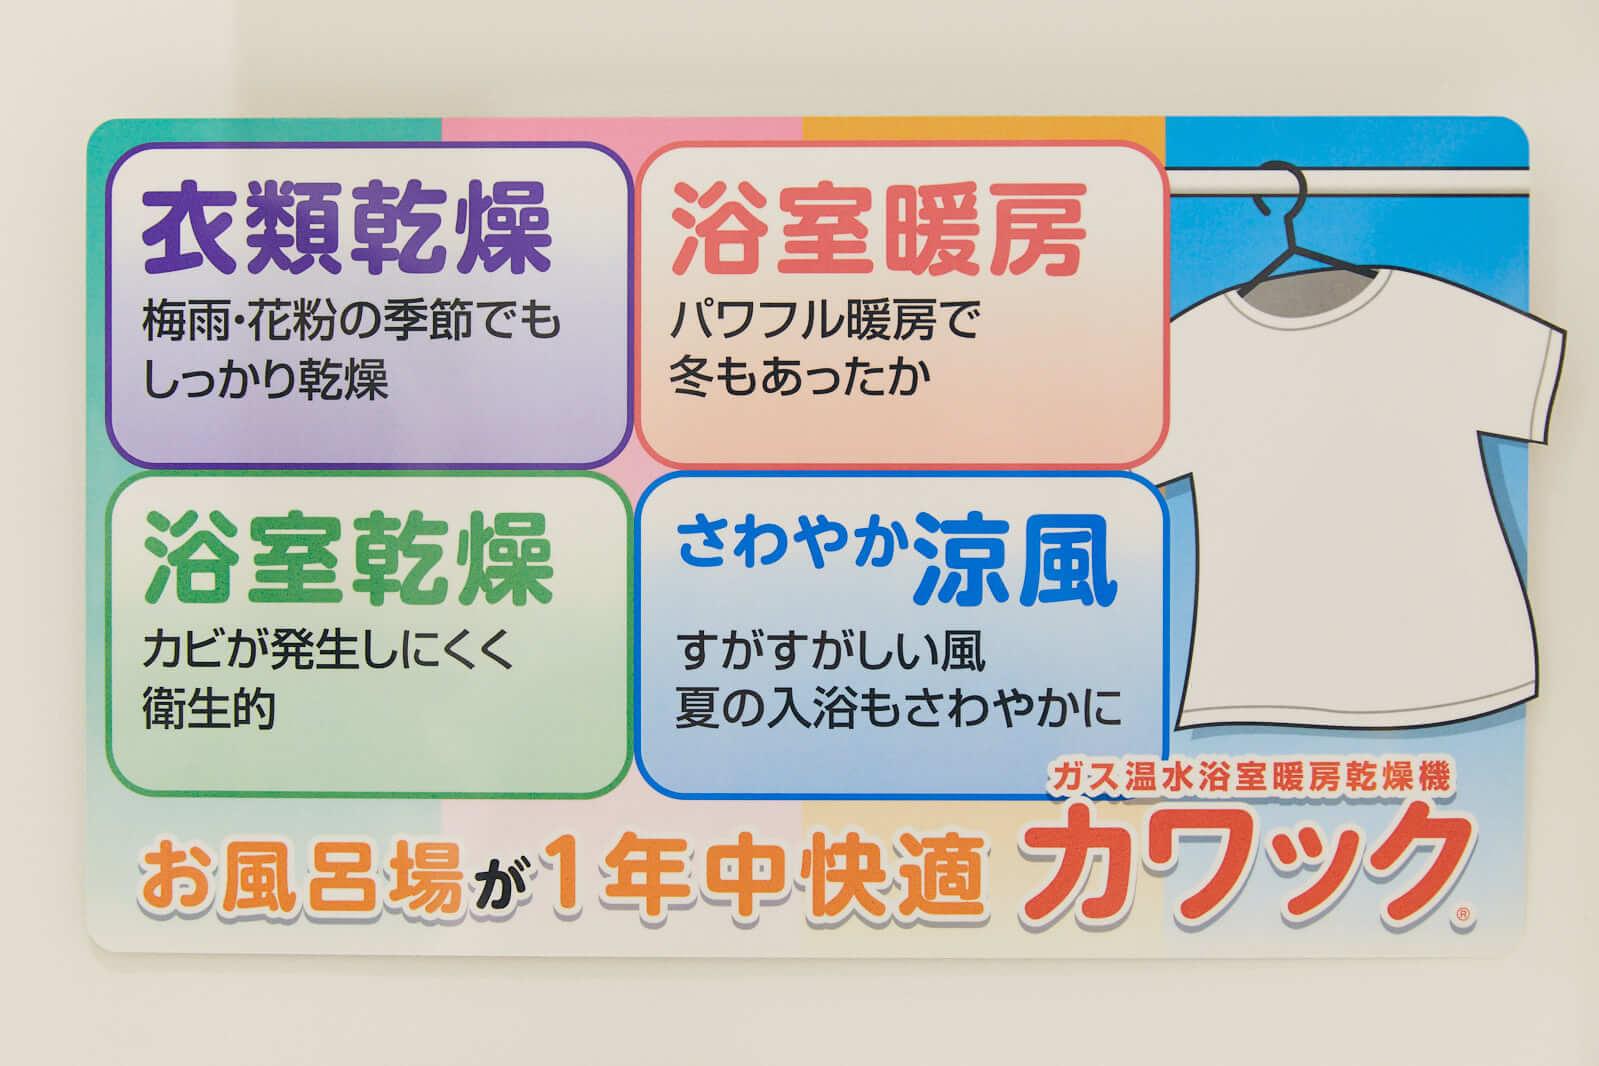 大阪ガス カワック ガス温水浴室暖房乾燥機